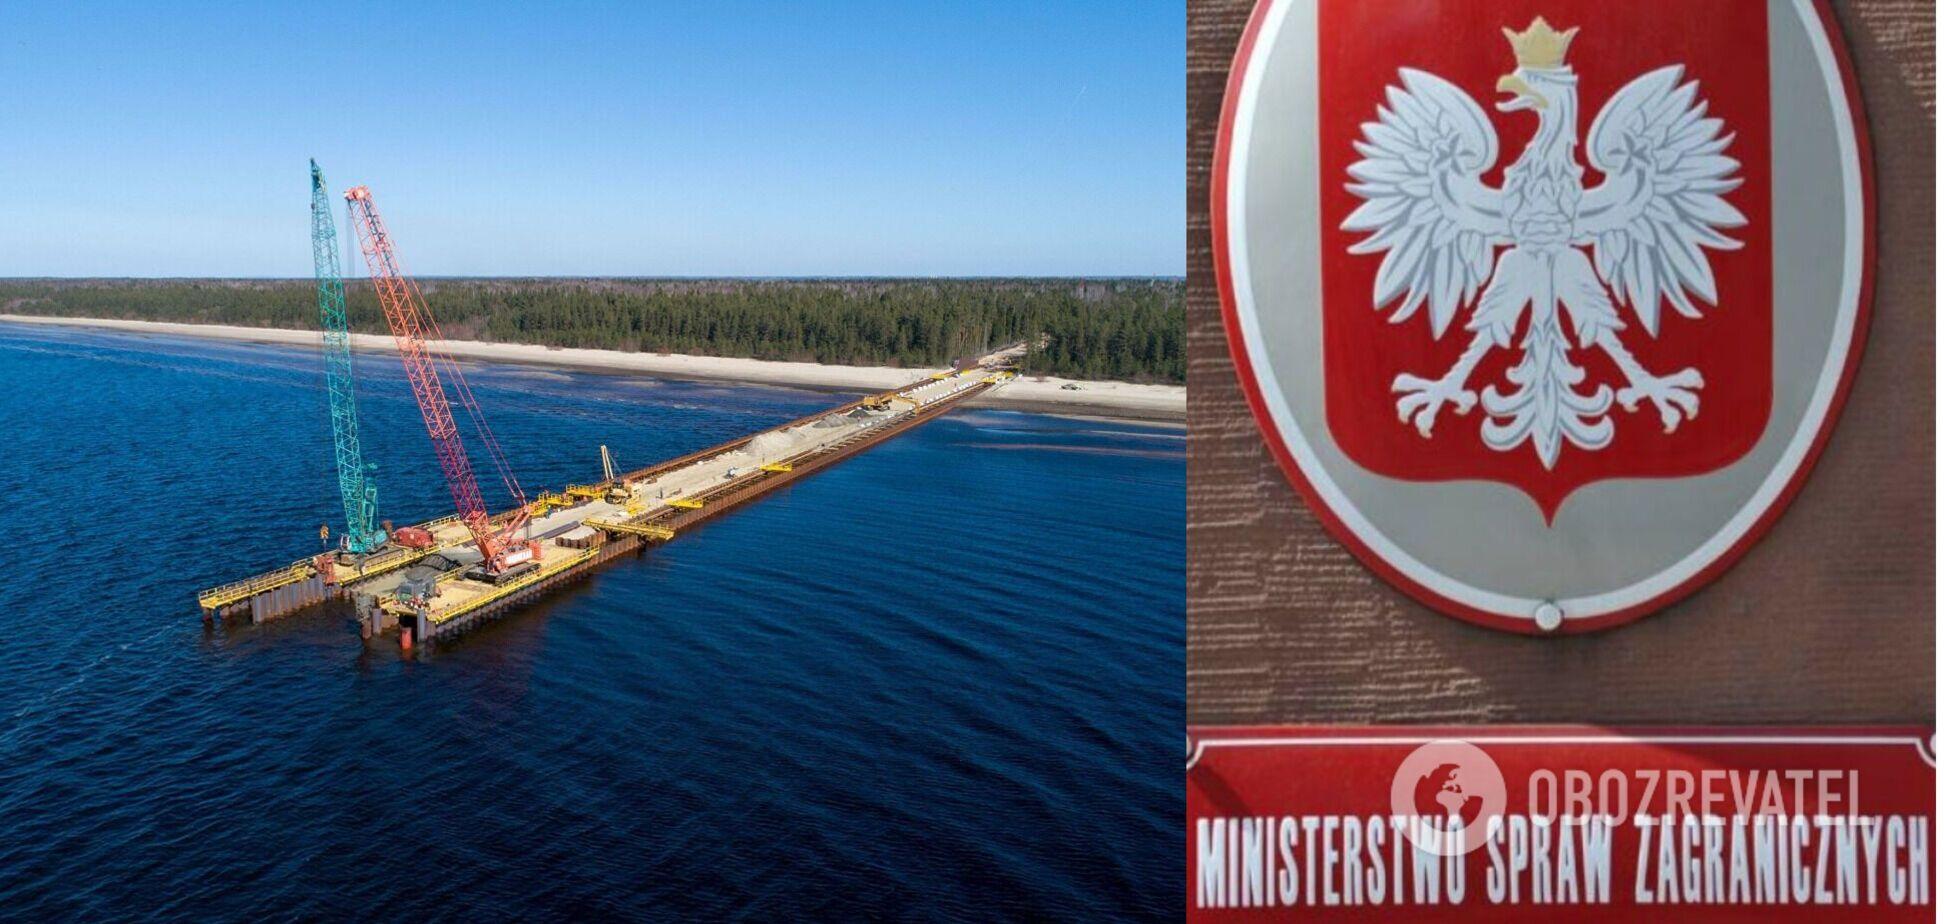 Чем дольше газопровод неактивен, тем лучше для Центральной и Восточной Европы и единства ЕС